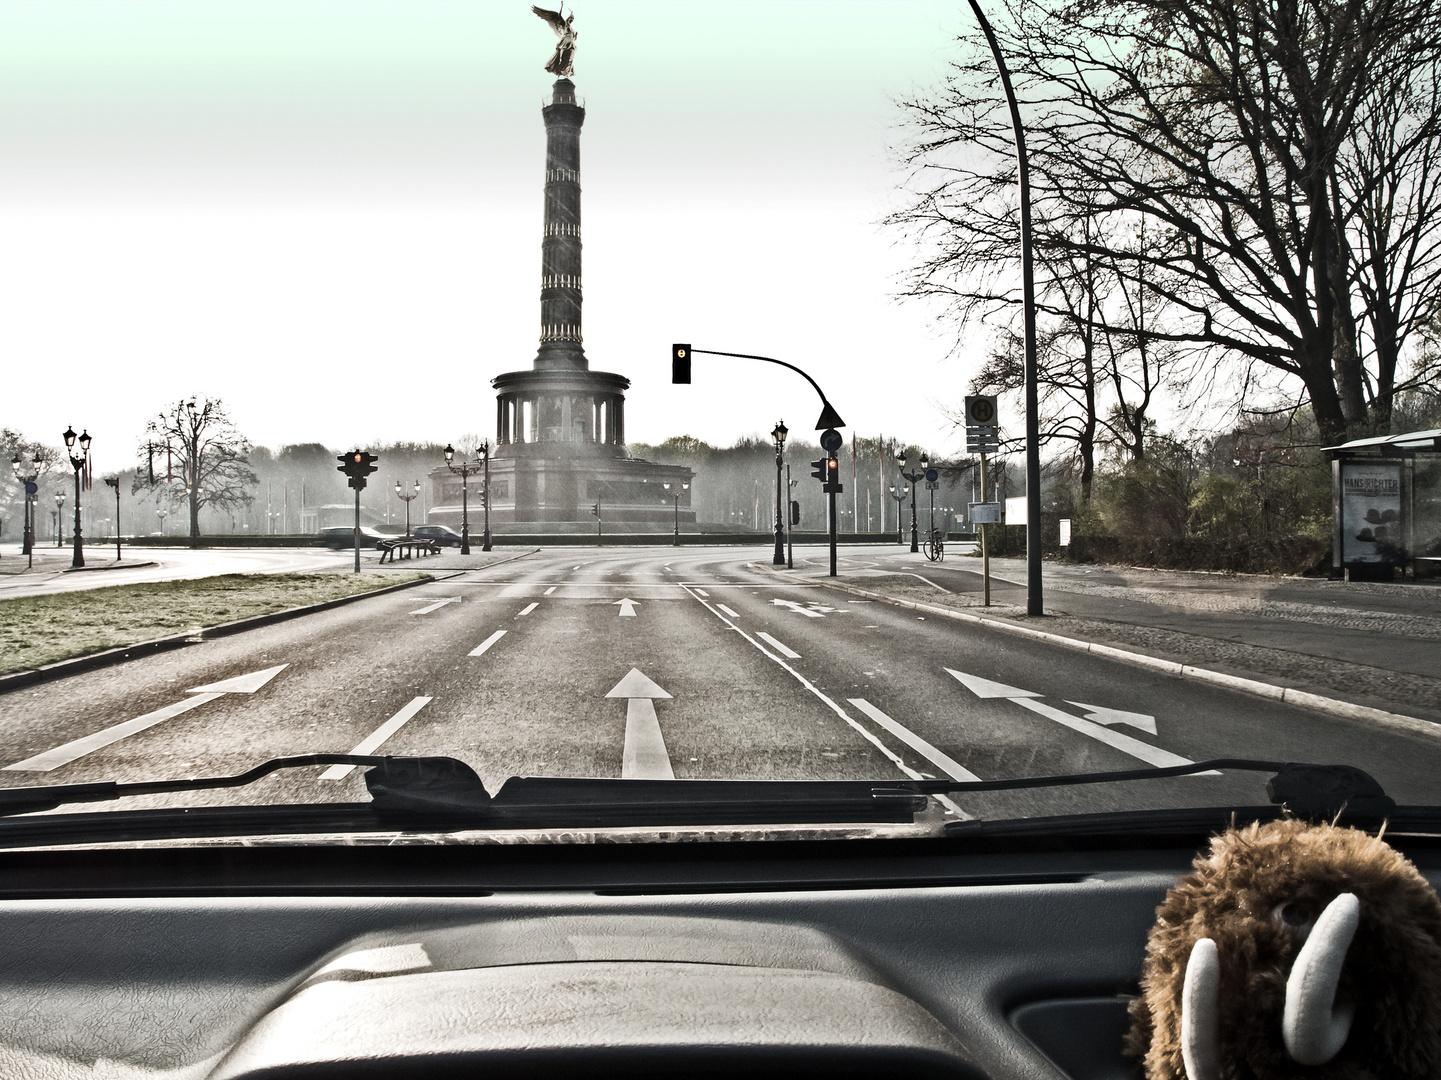 Aus dem Auto 2